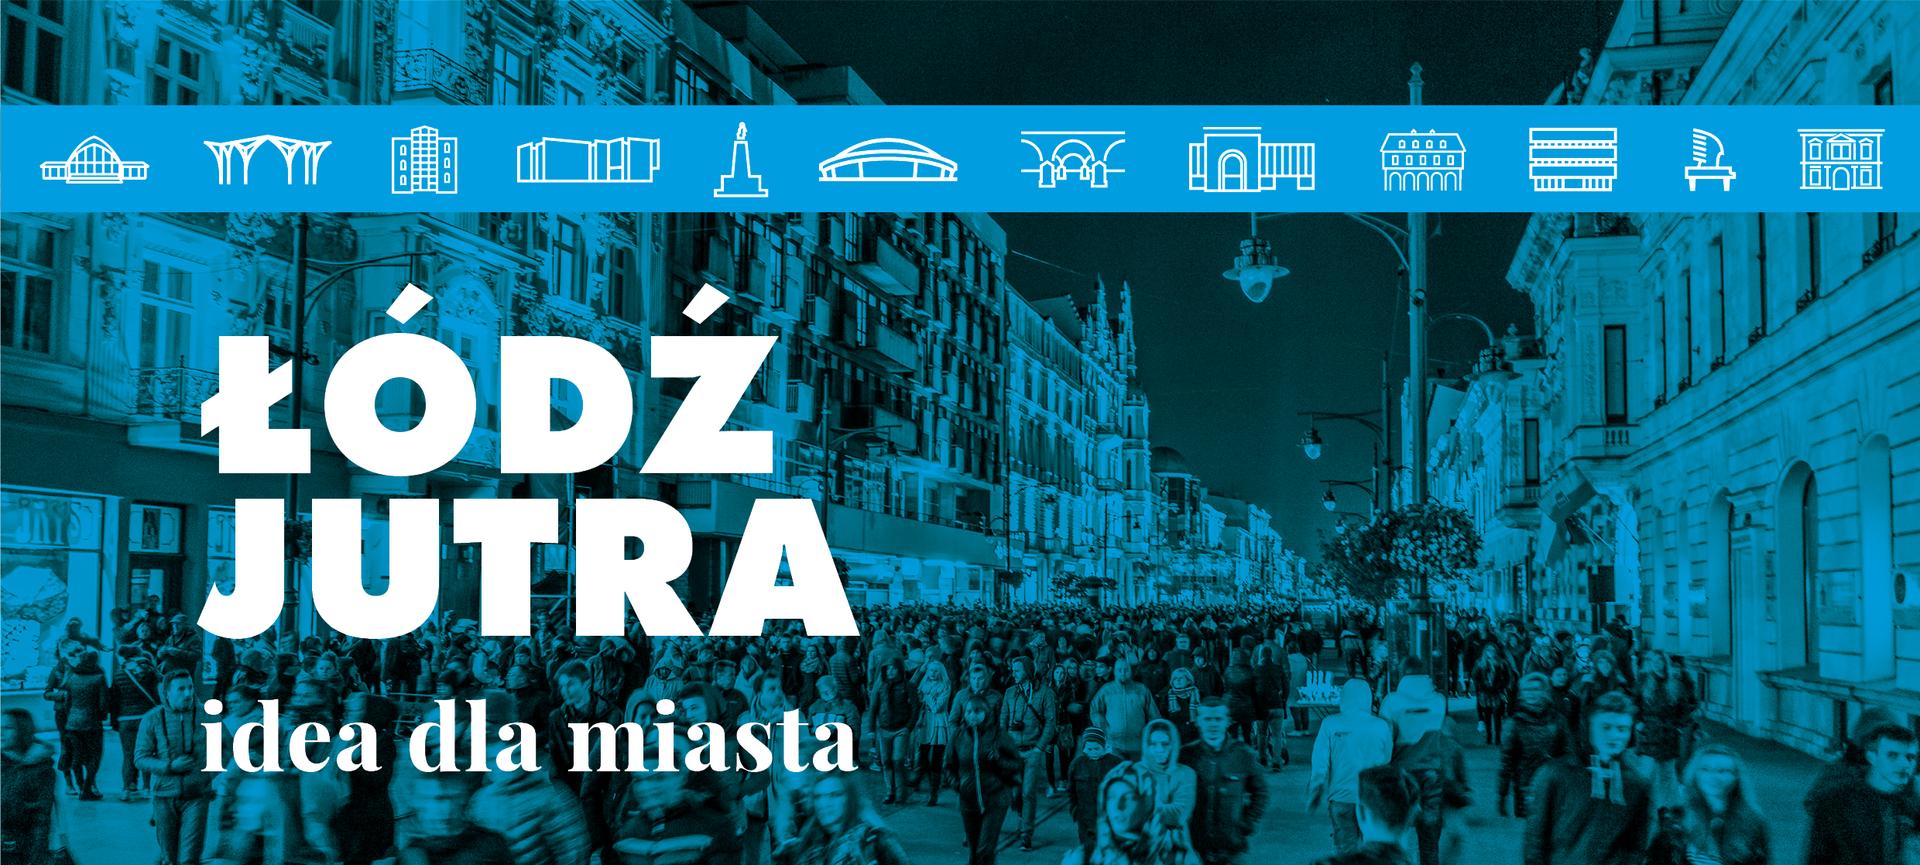 Łódź jutra. Idea dla miasta Łodzi